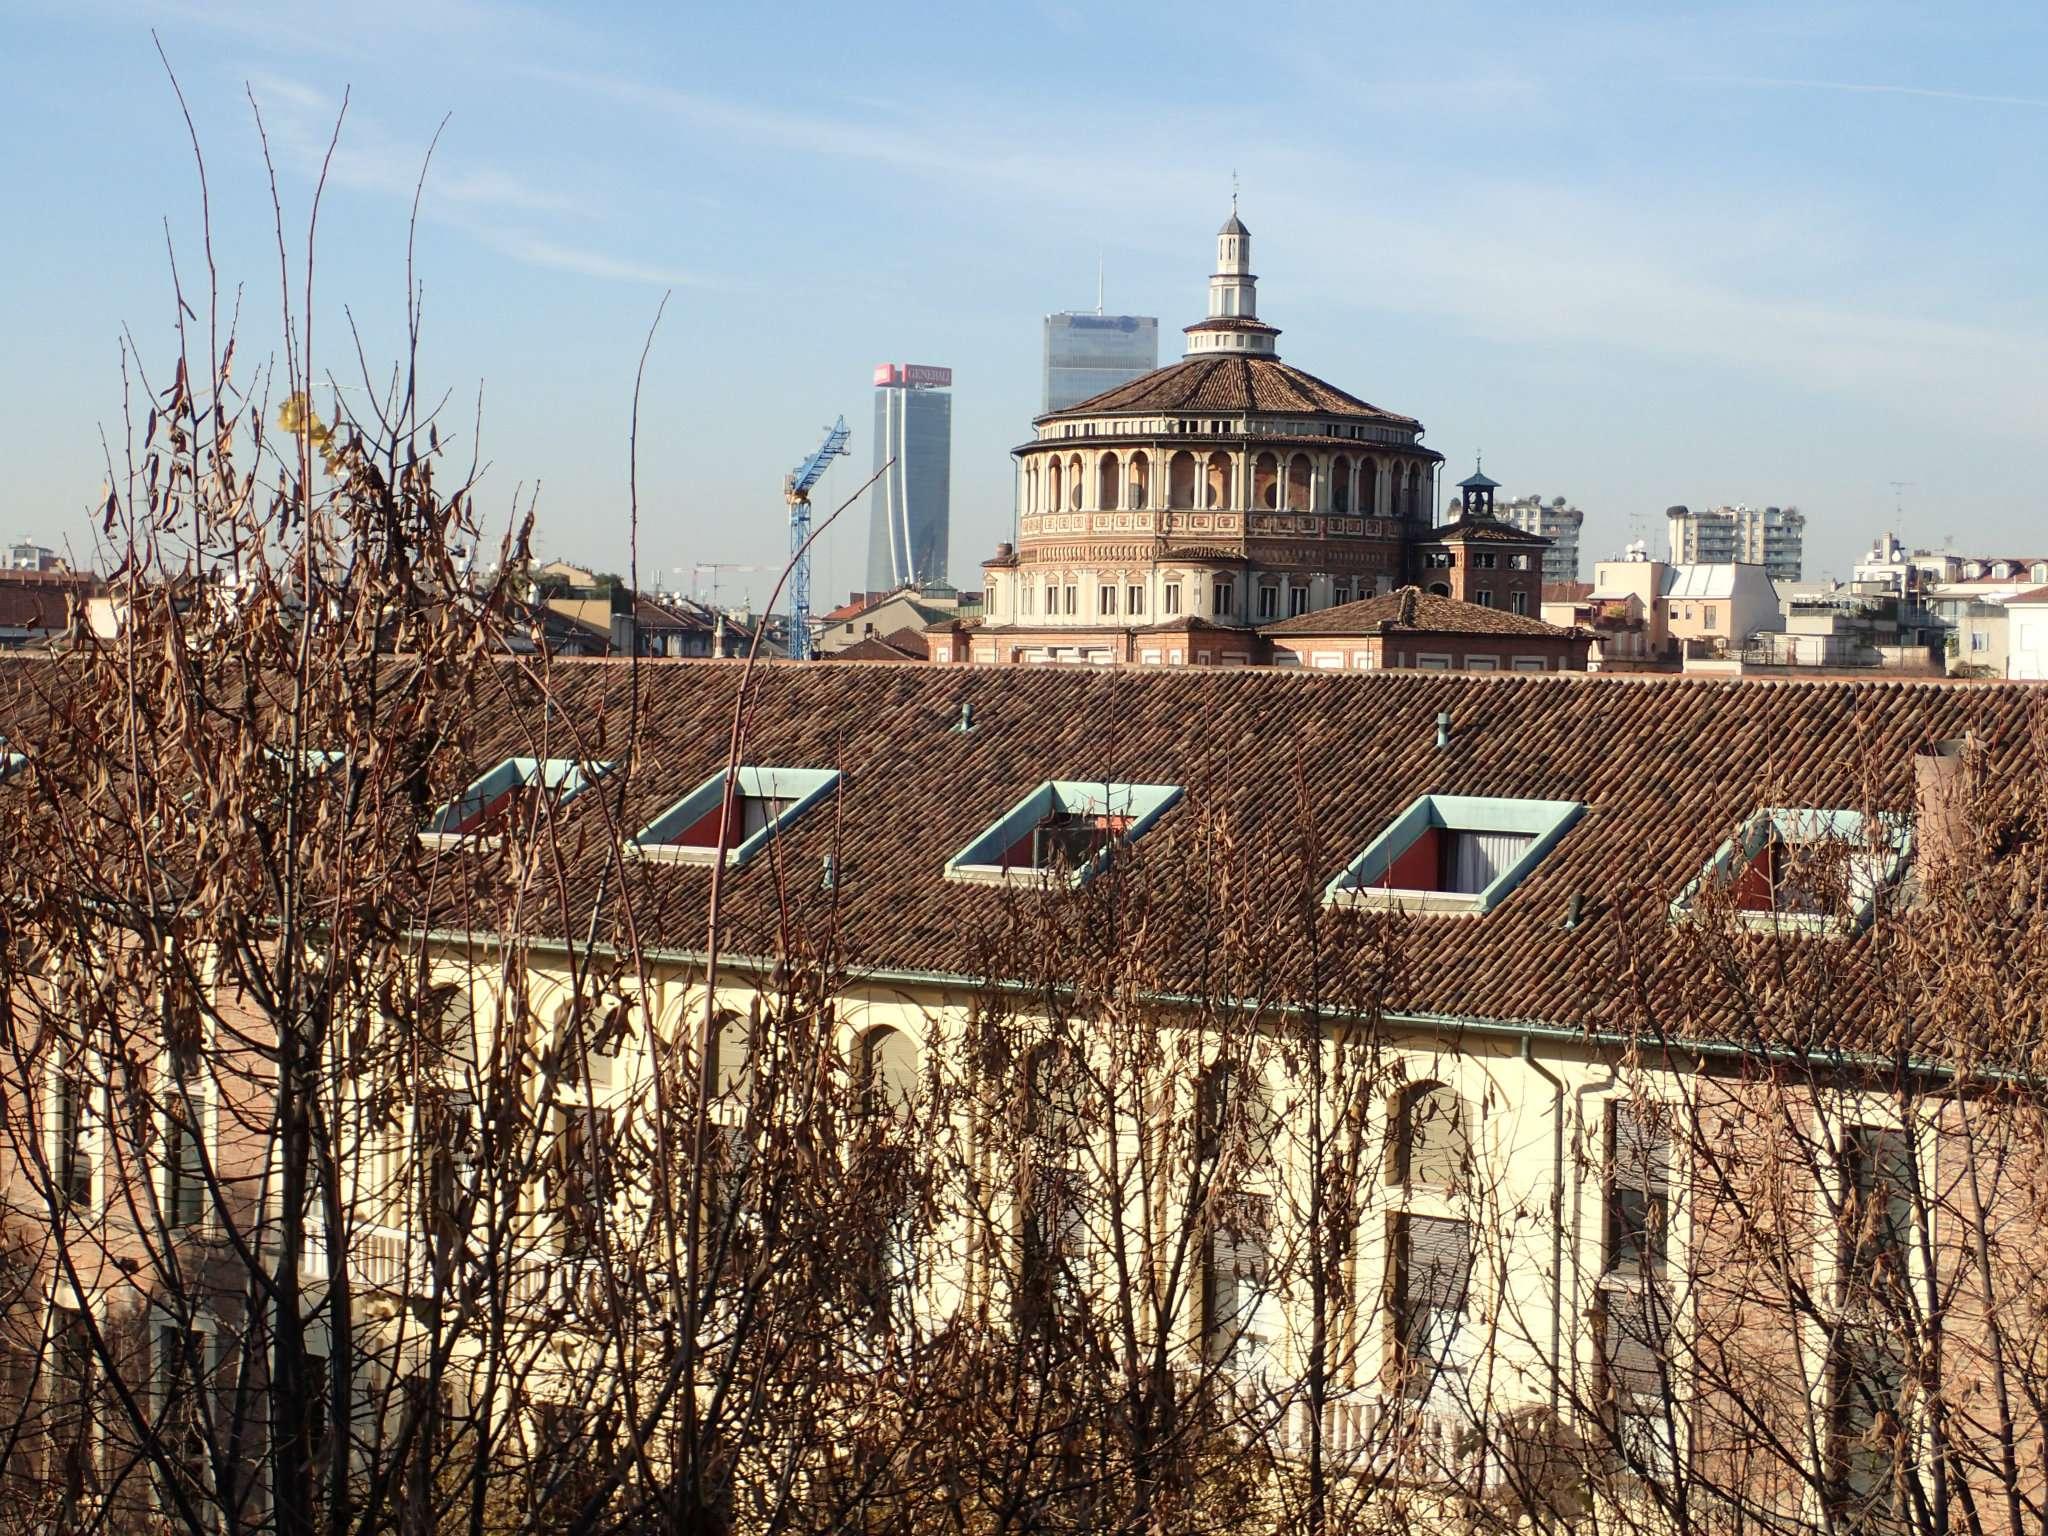 Attico in Vendita a Milano via aristide de togni